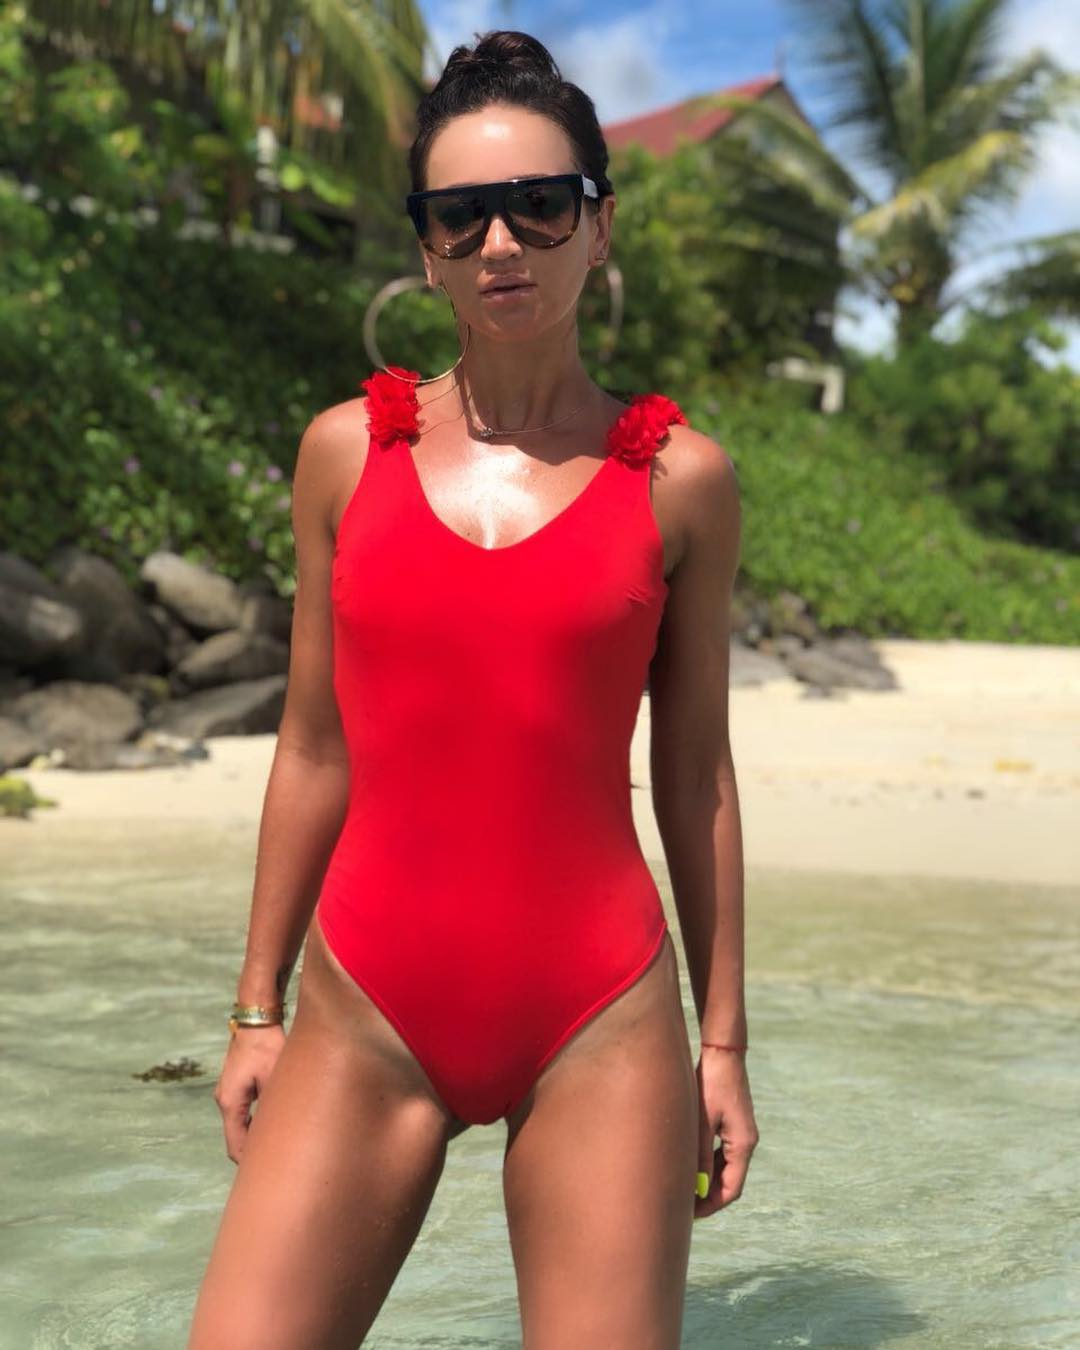 Певица поделилась снимком в ярком пляжном образе